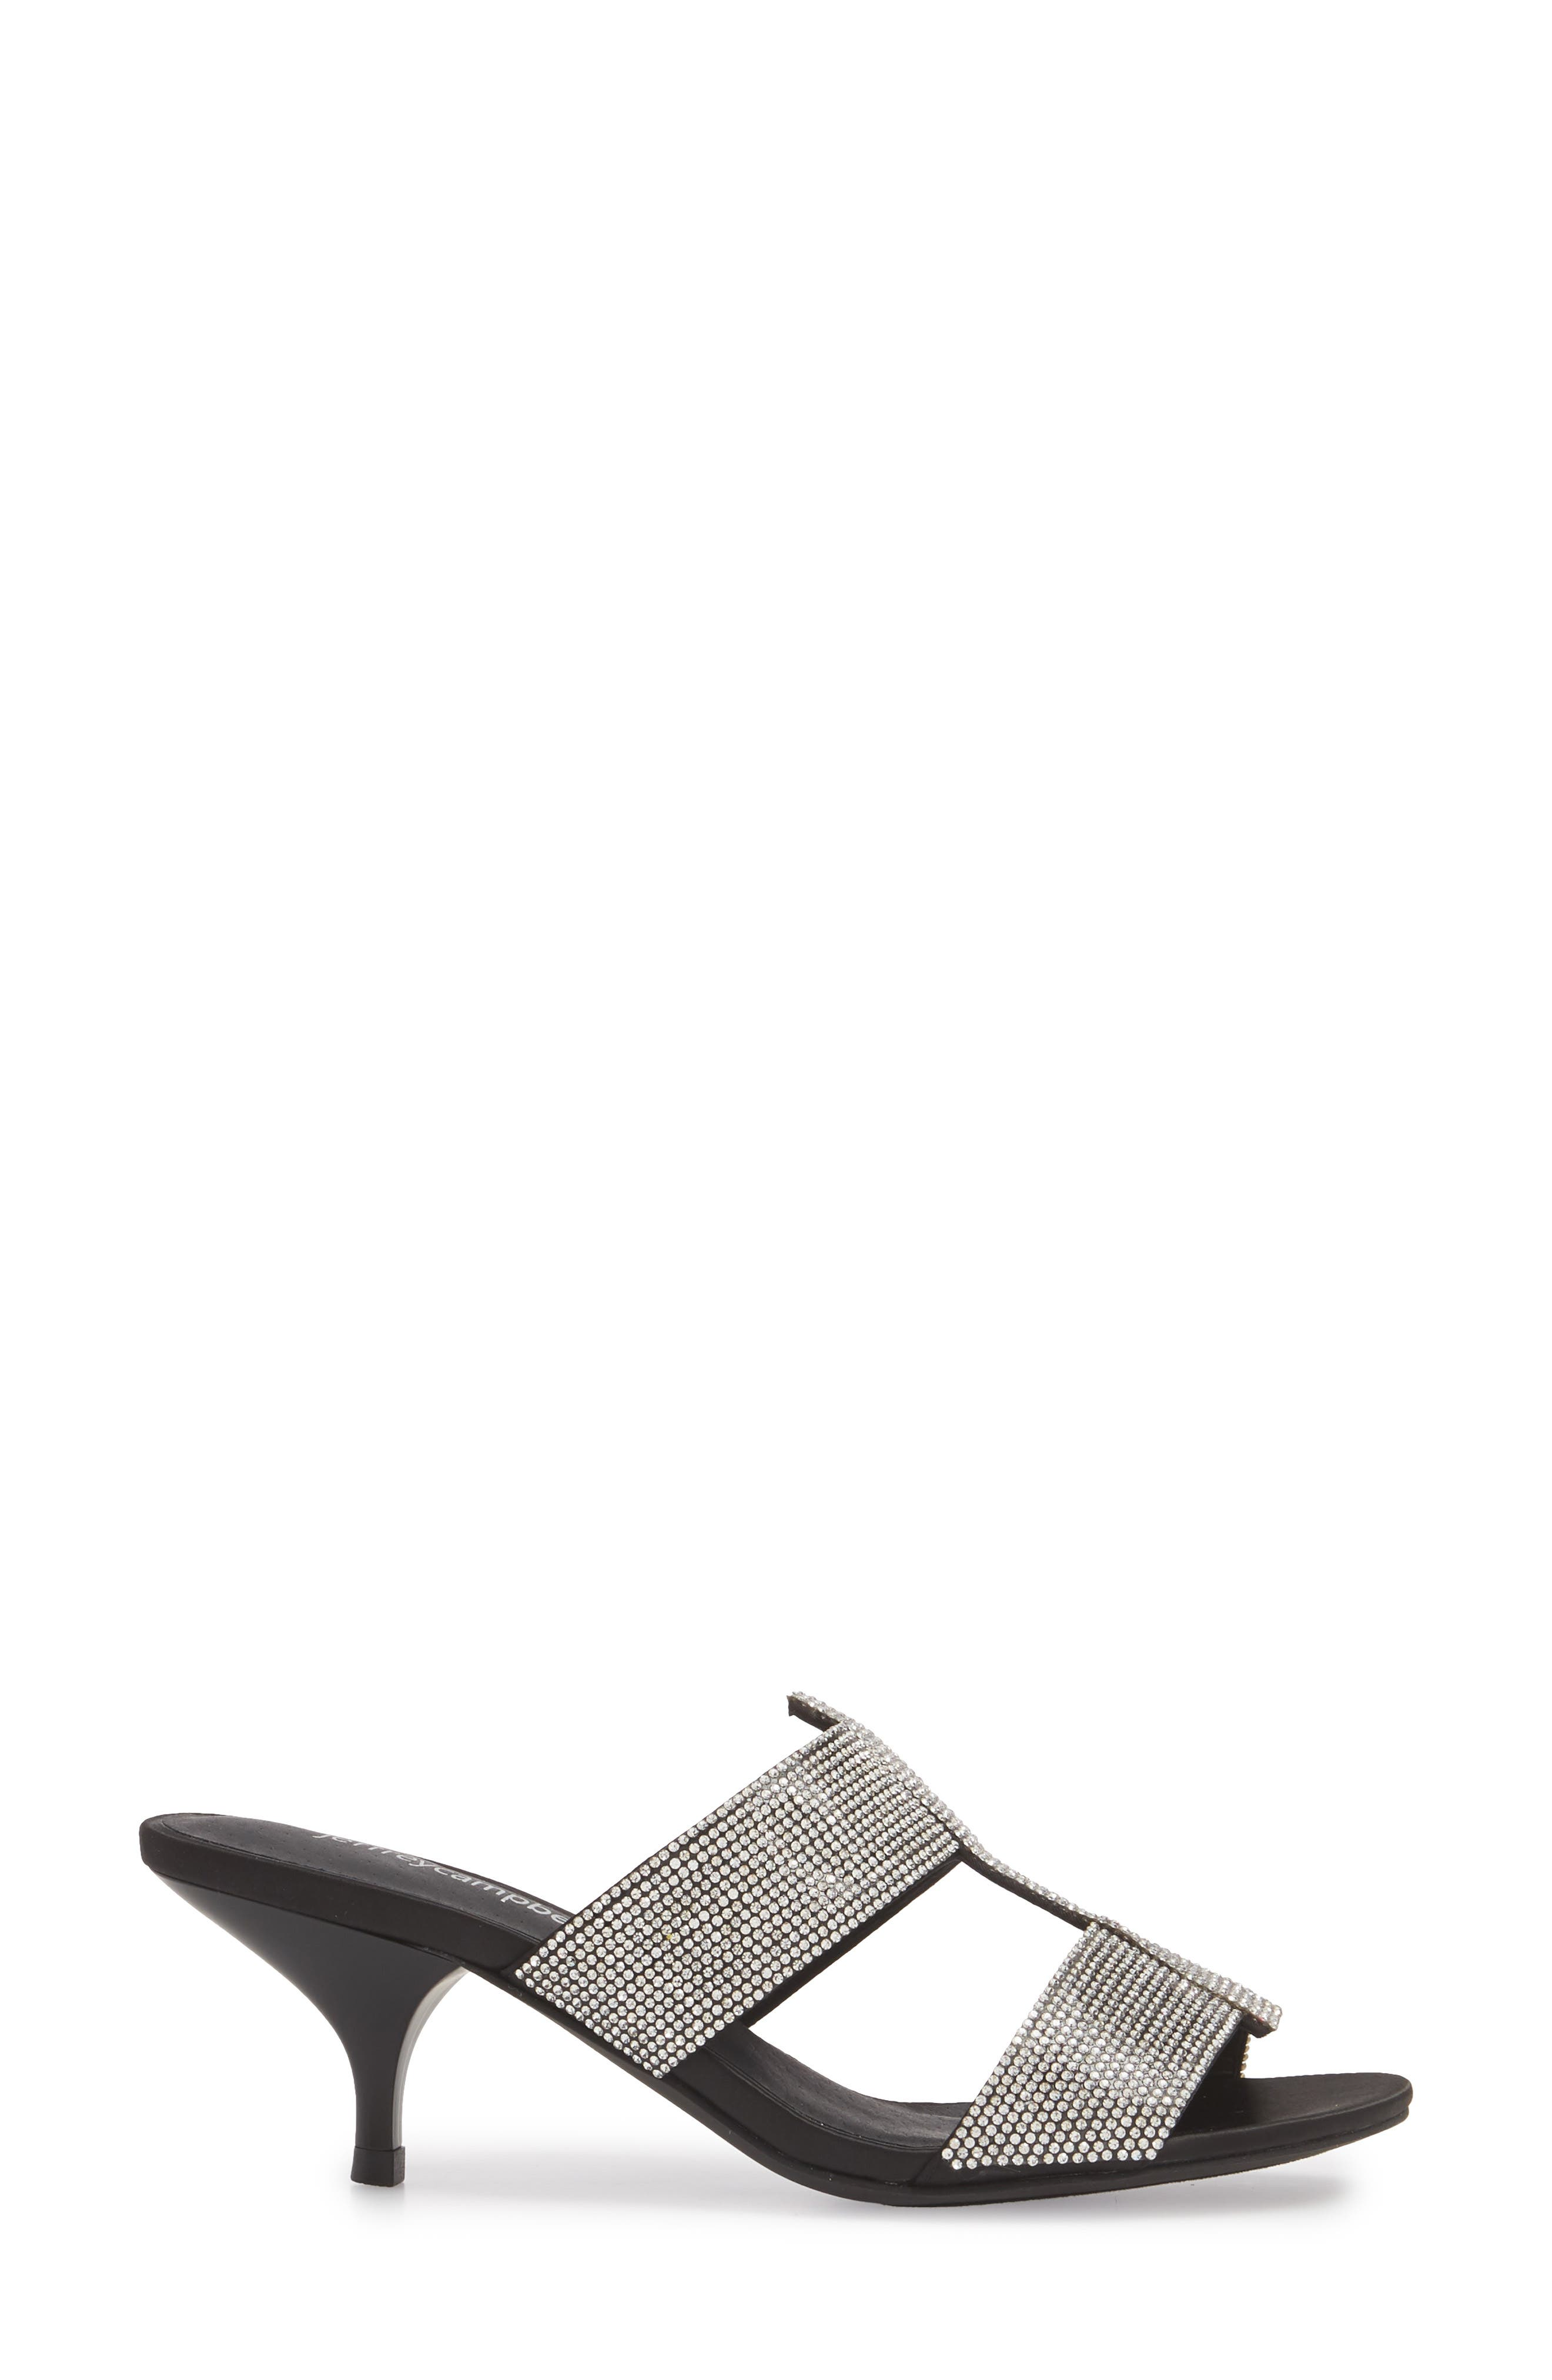 Tartine Embellished Slide Sandal,                             Alternate thumbnail 3, color,                             Black Satin/ Silver